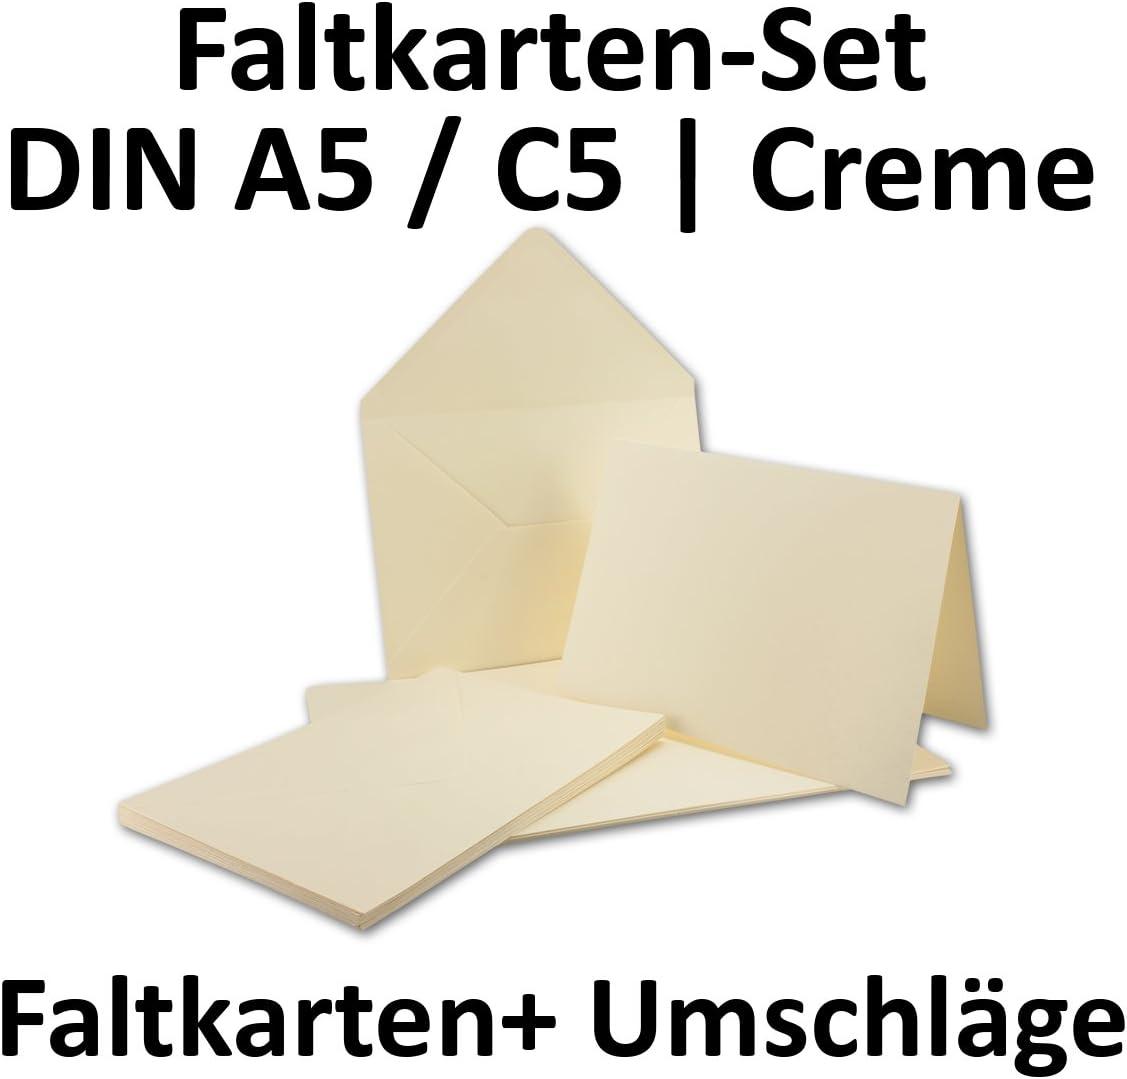 bedruckbare Post-Karten in DIN A5 50er-Set A5 Doppelkarten inklusive gef/ütterten Briefumschl/äge Blanko Naturwei/ß Einladungskarten in Hochwei/ß Klappkarten//Faltkarten